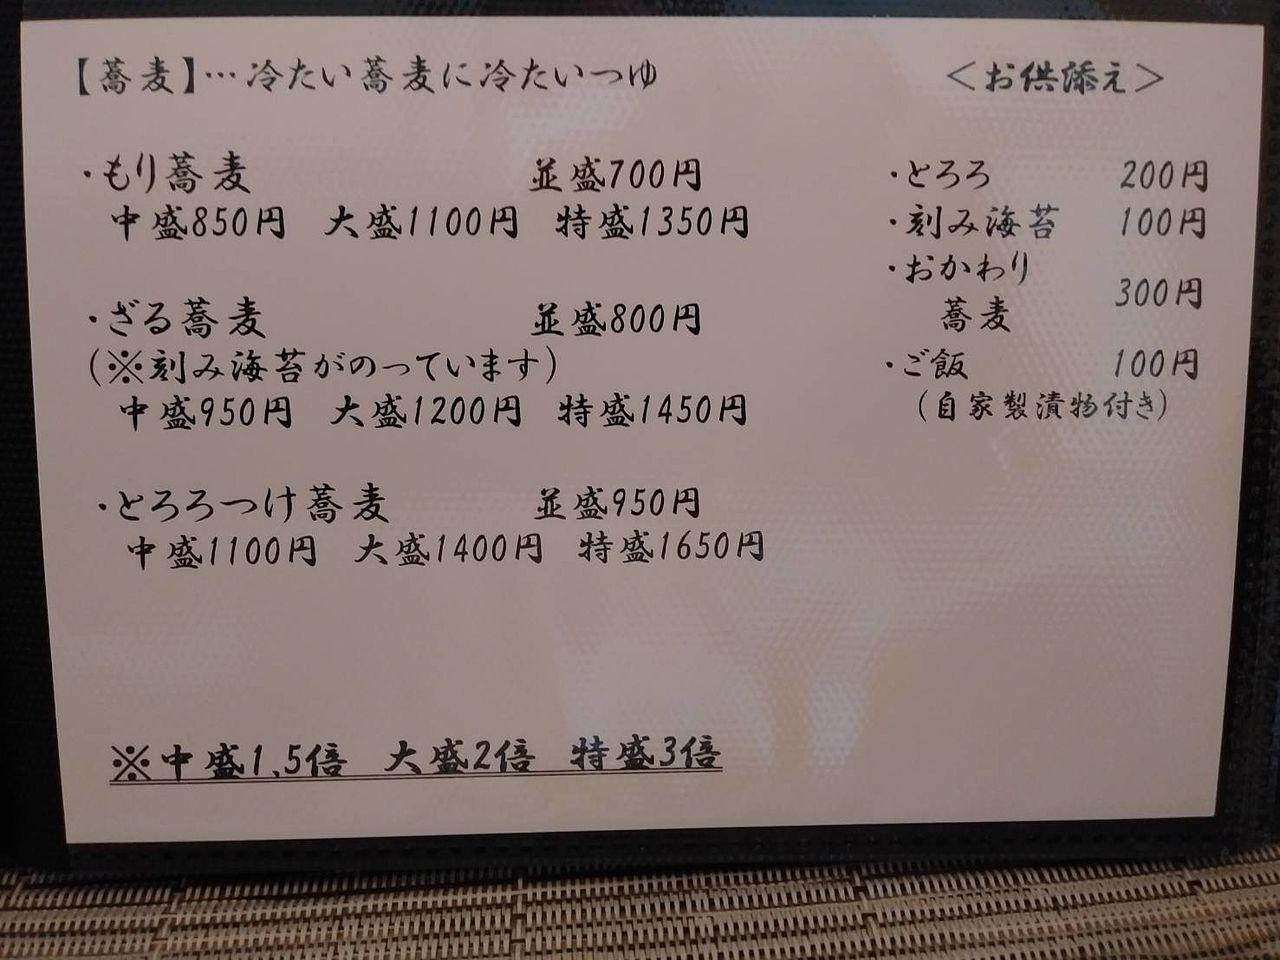 夏は蕎麦をつまみに日本酒なんてお客も受け入れられるようにコロナが収まることを願います。